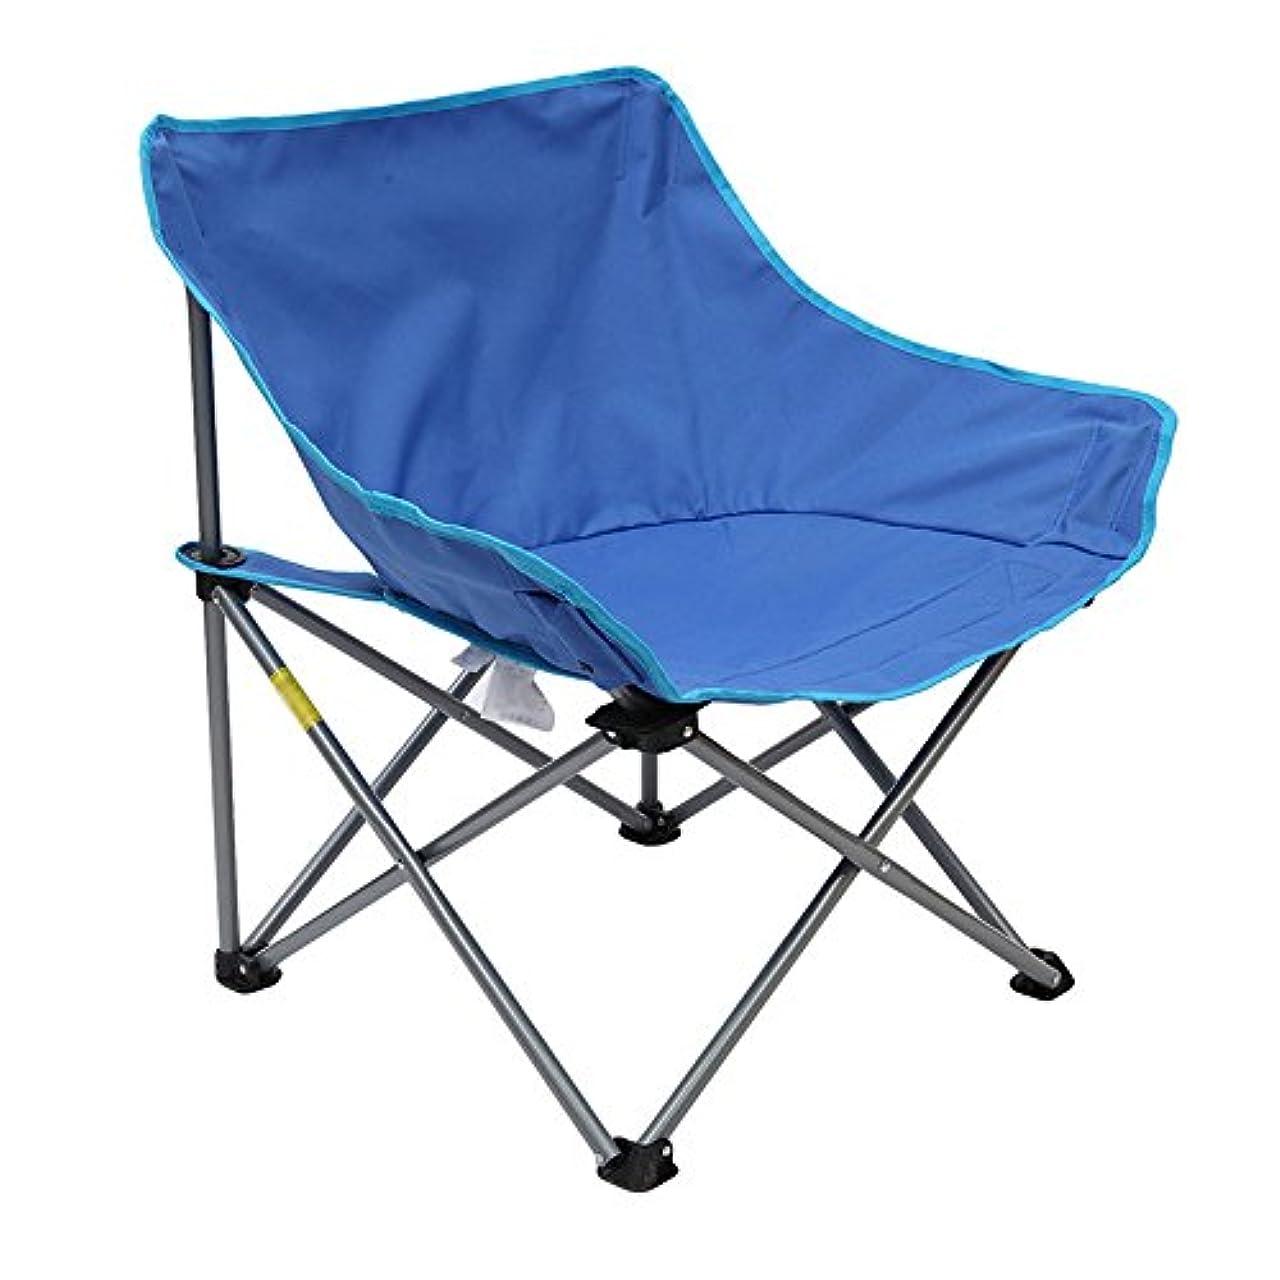 オークランド上へ誤解Djyyh キャンプ用チェア軽量折りたたみチェア、ハイキング、釣り、ビーチヘビーデューティー用キャリーバッグ付き (Color : Blue)